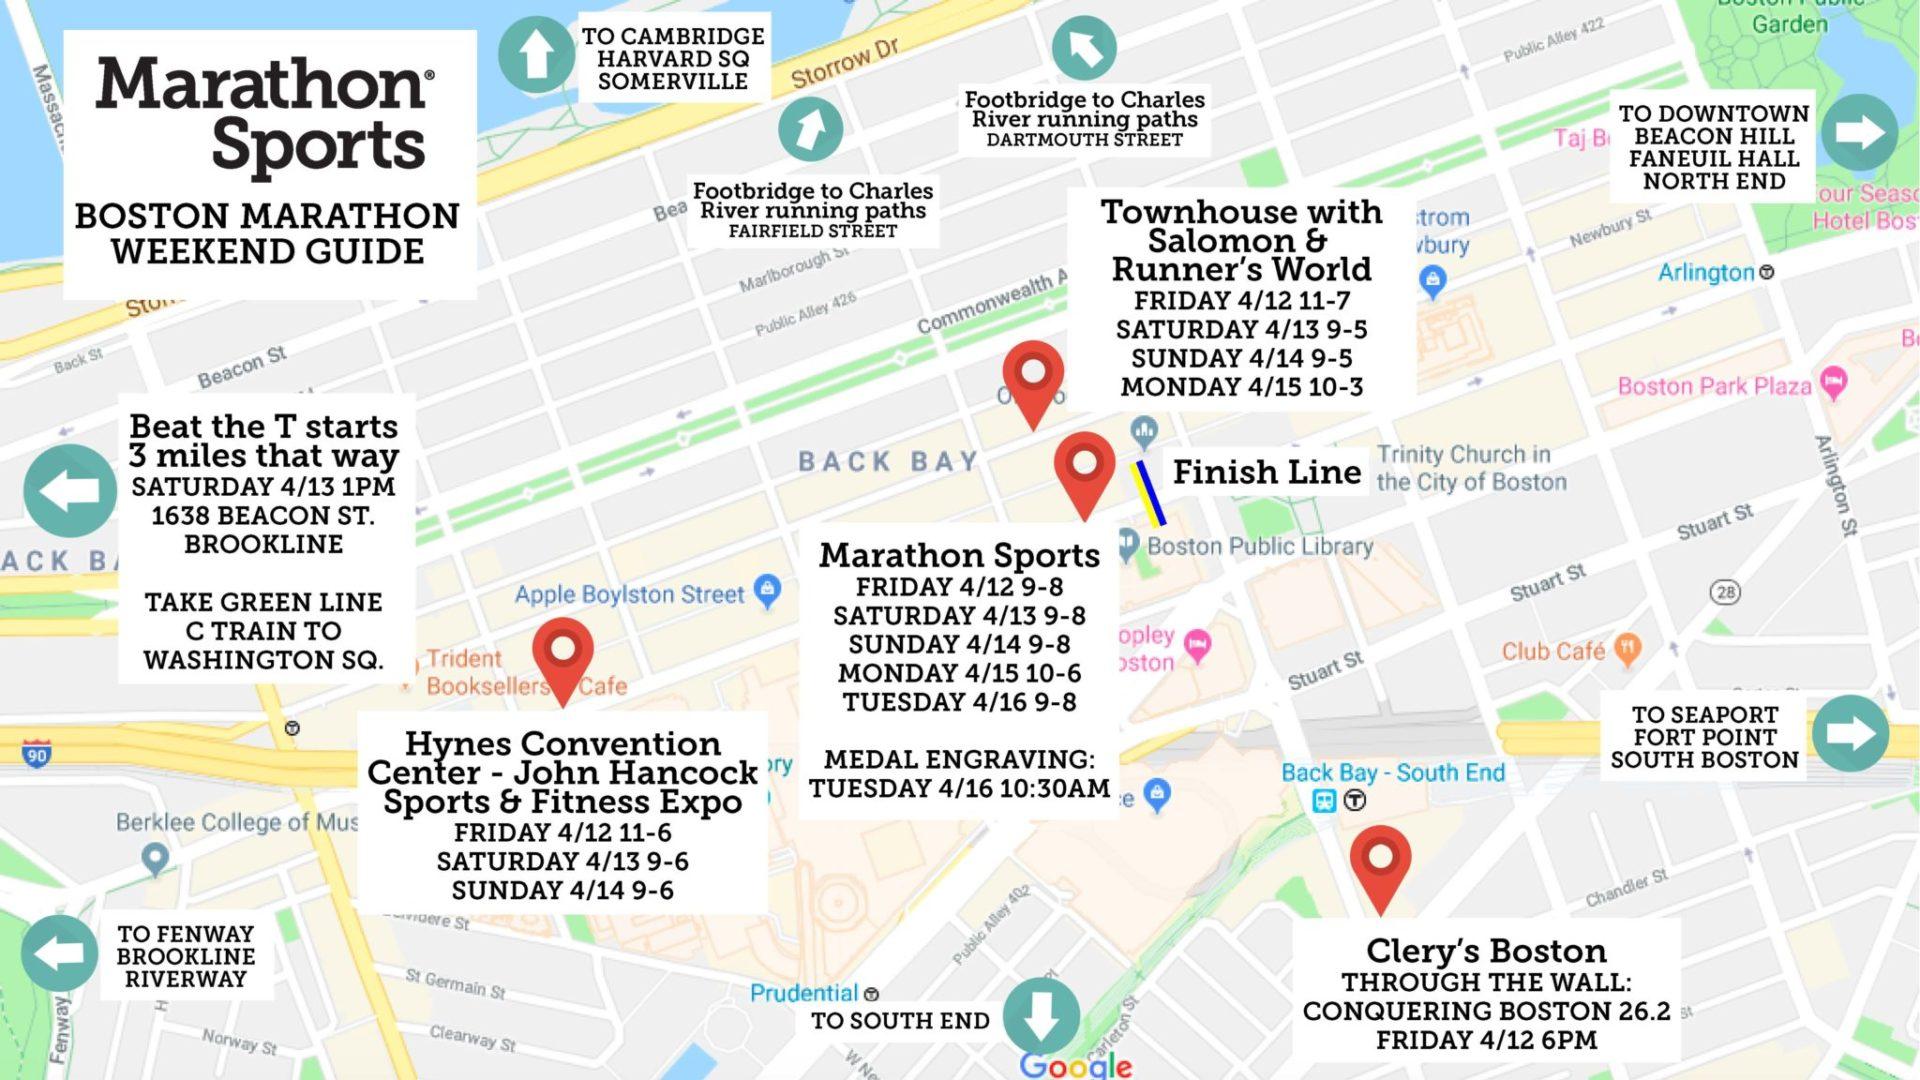 Boston Marathon weekend events map